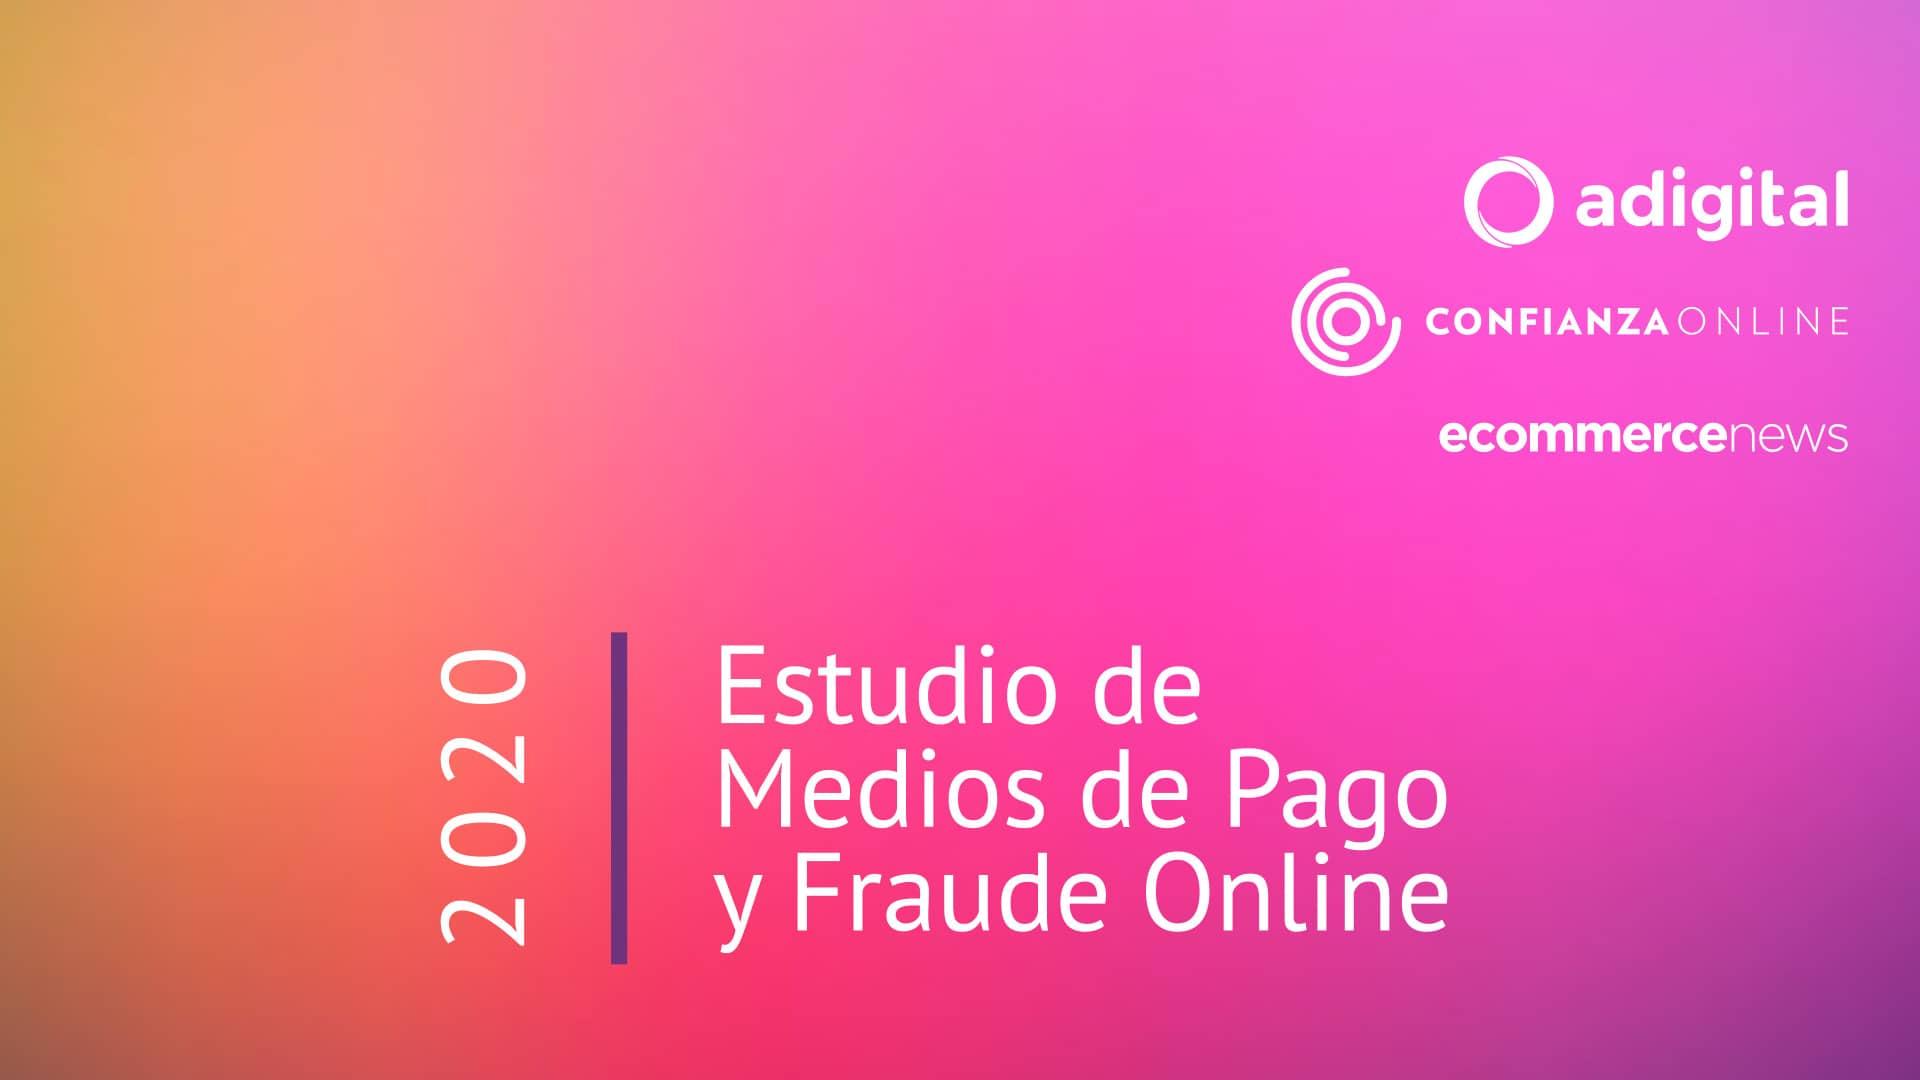 Estudio de Medios de Pago y Fraude Online 2020